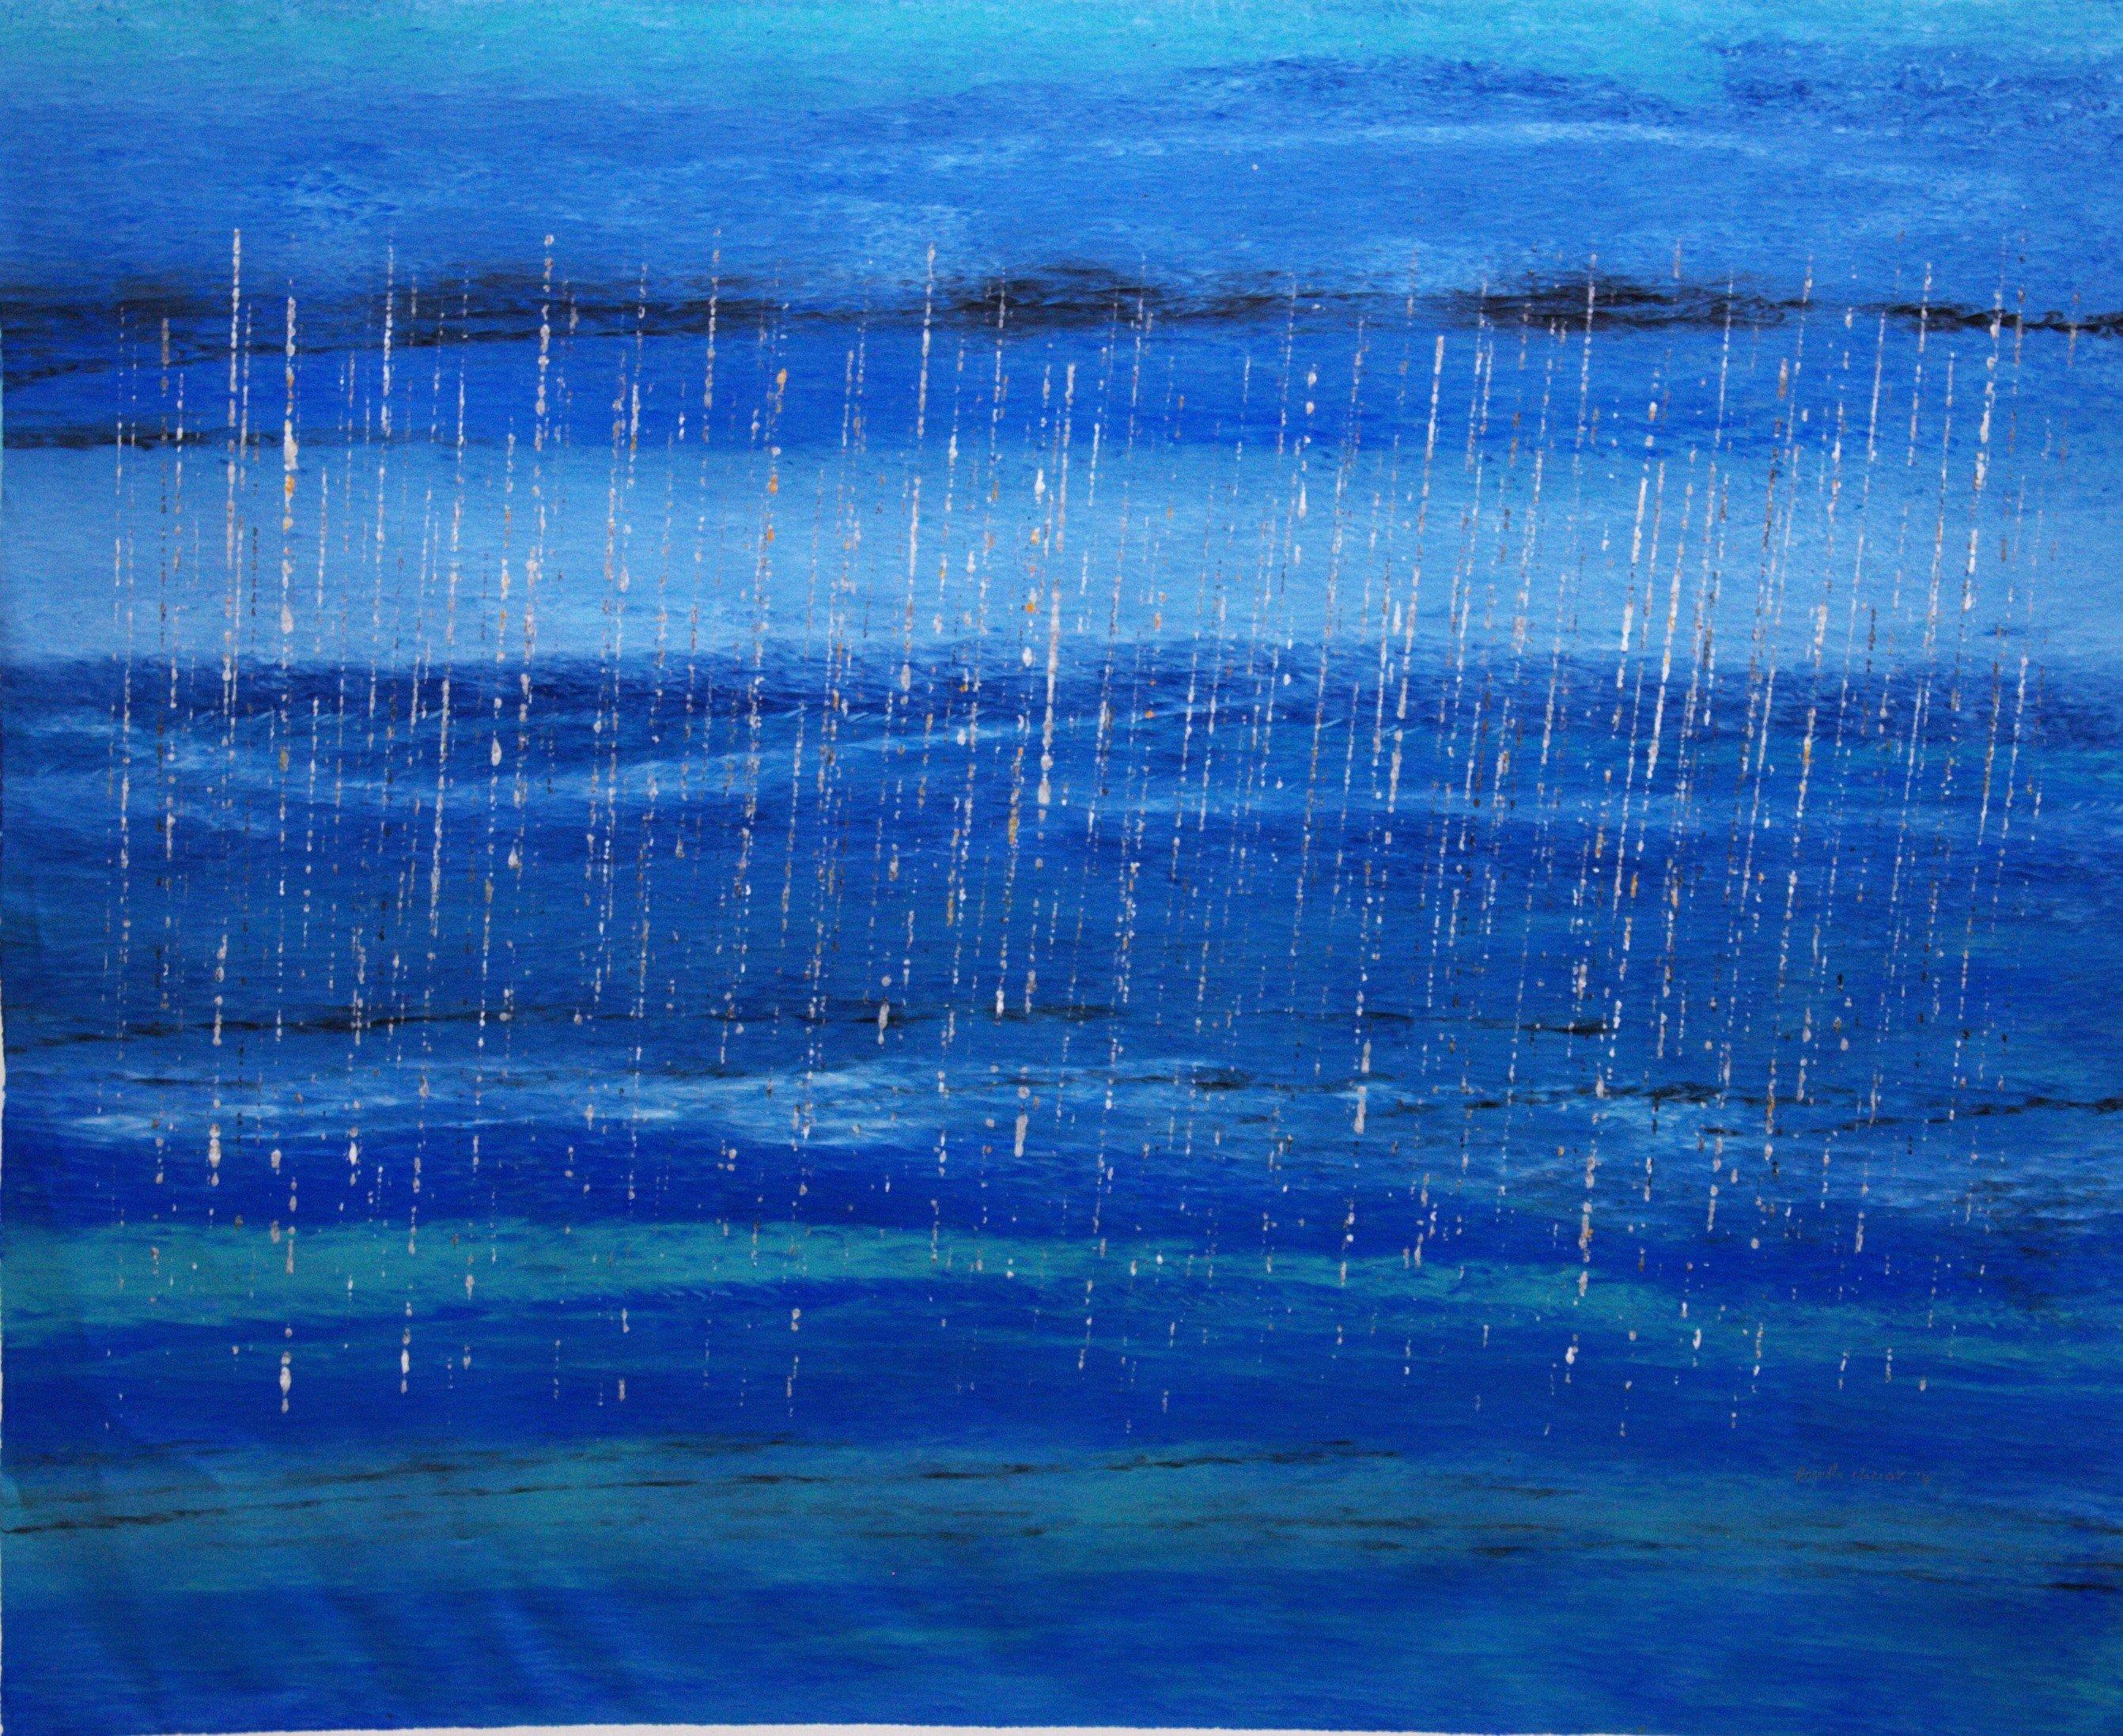 Stinging Rain… Out at sea